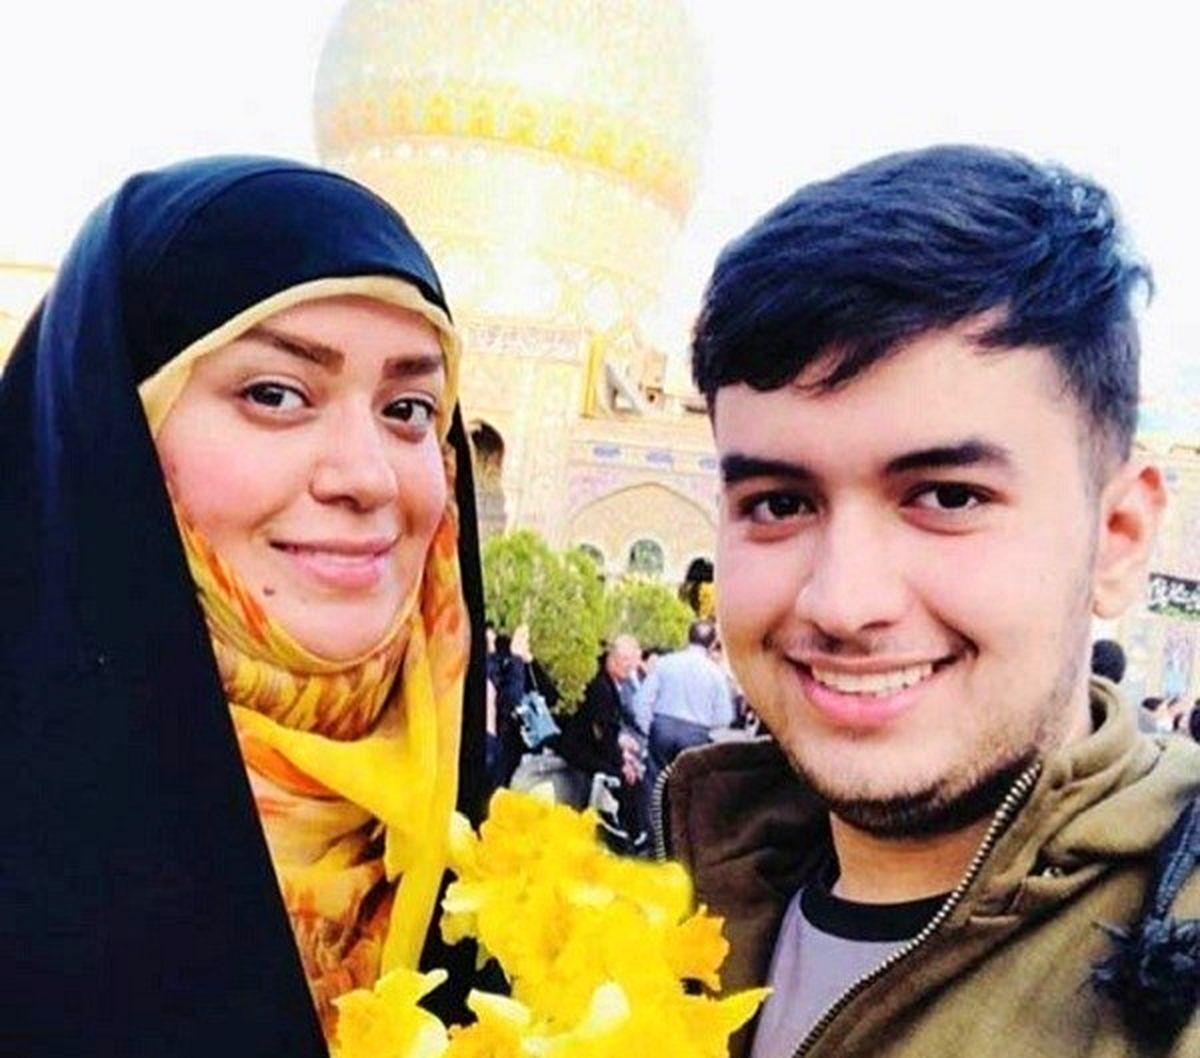 عکس جنجالی الهام چرخنده و شوهرش در روز تاسوعا